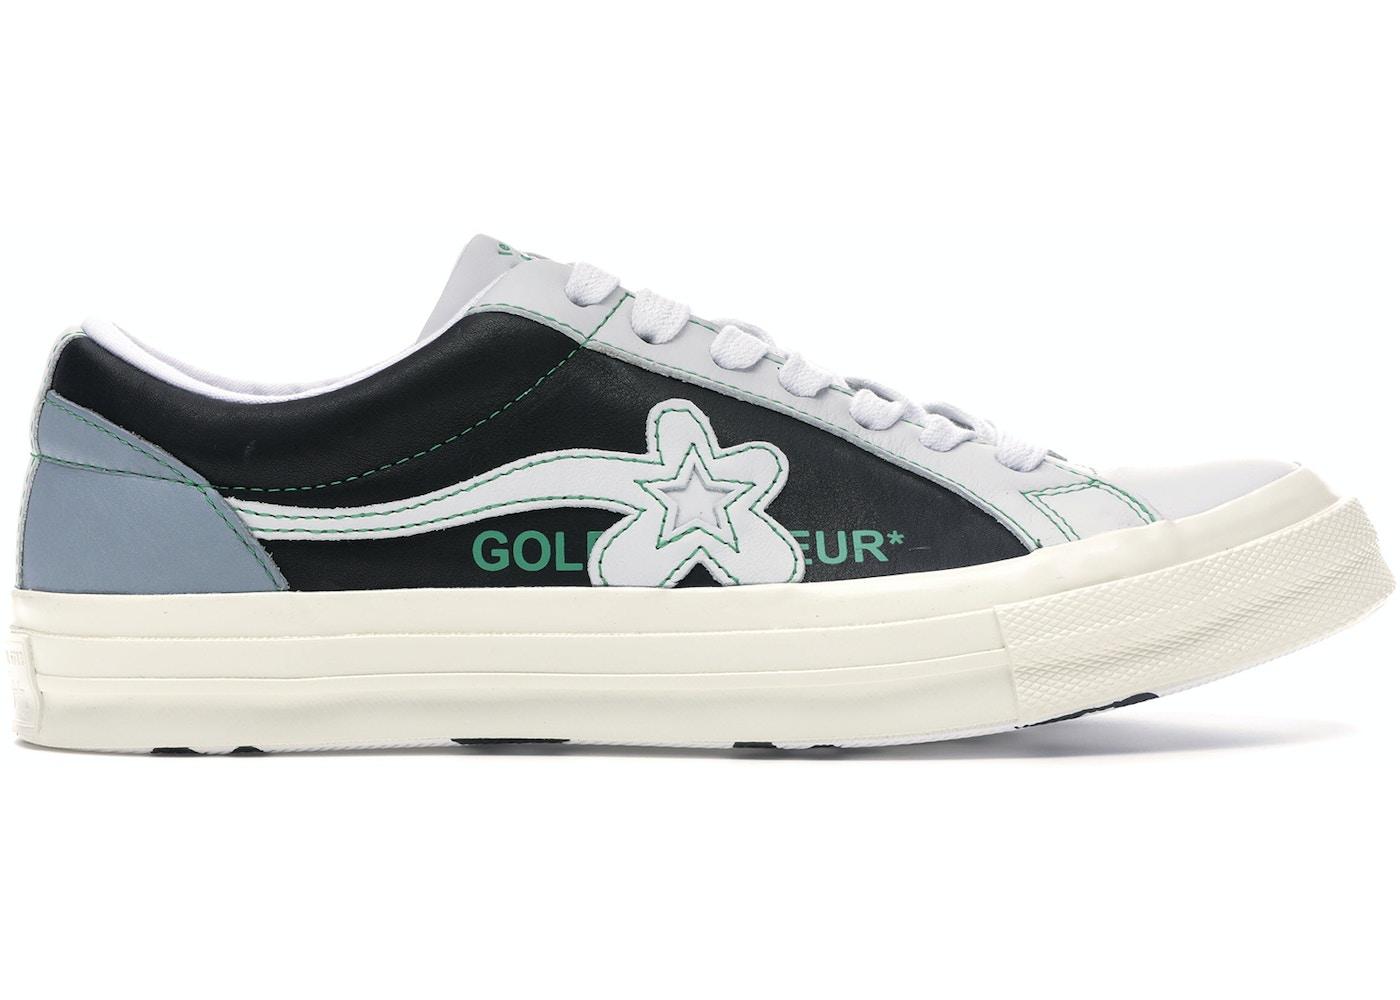 e1a34558cd1a Converse One Star Ox Golf Le Fleur Industrial Pack Black - 164023C